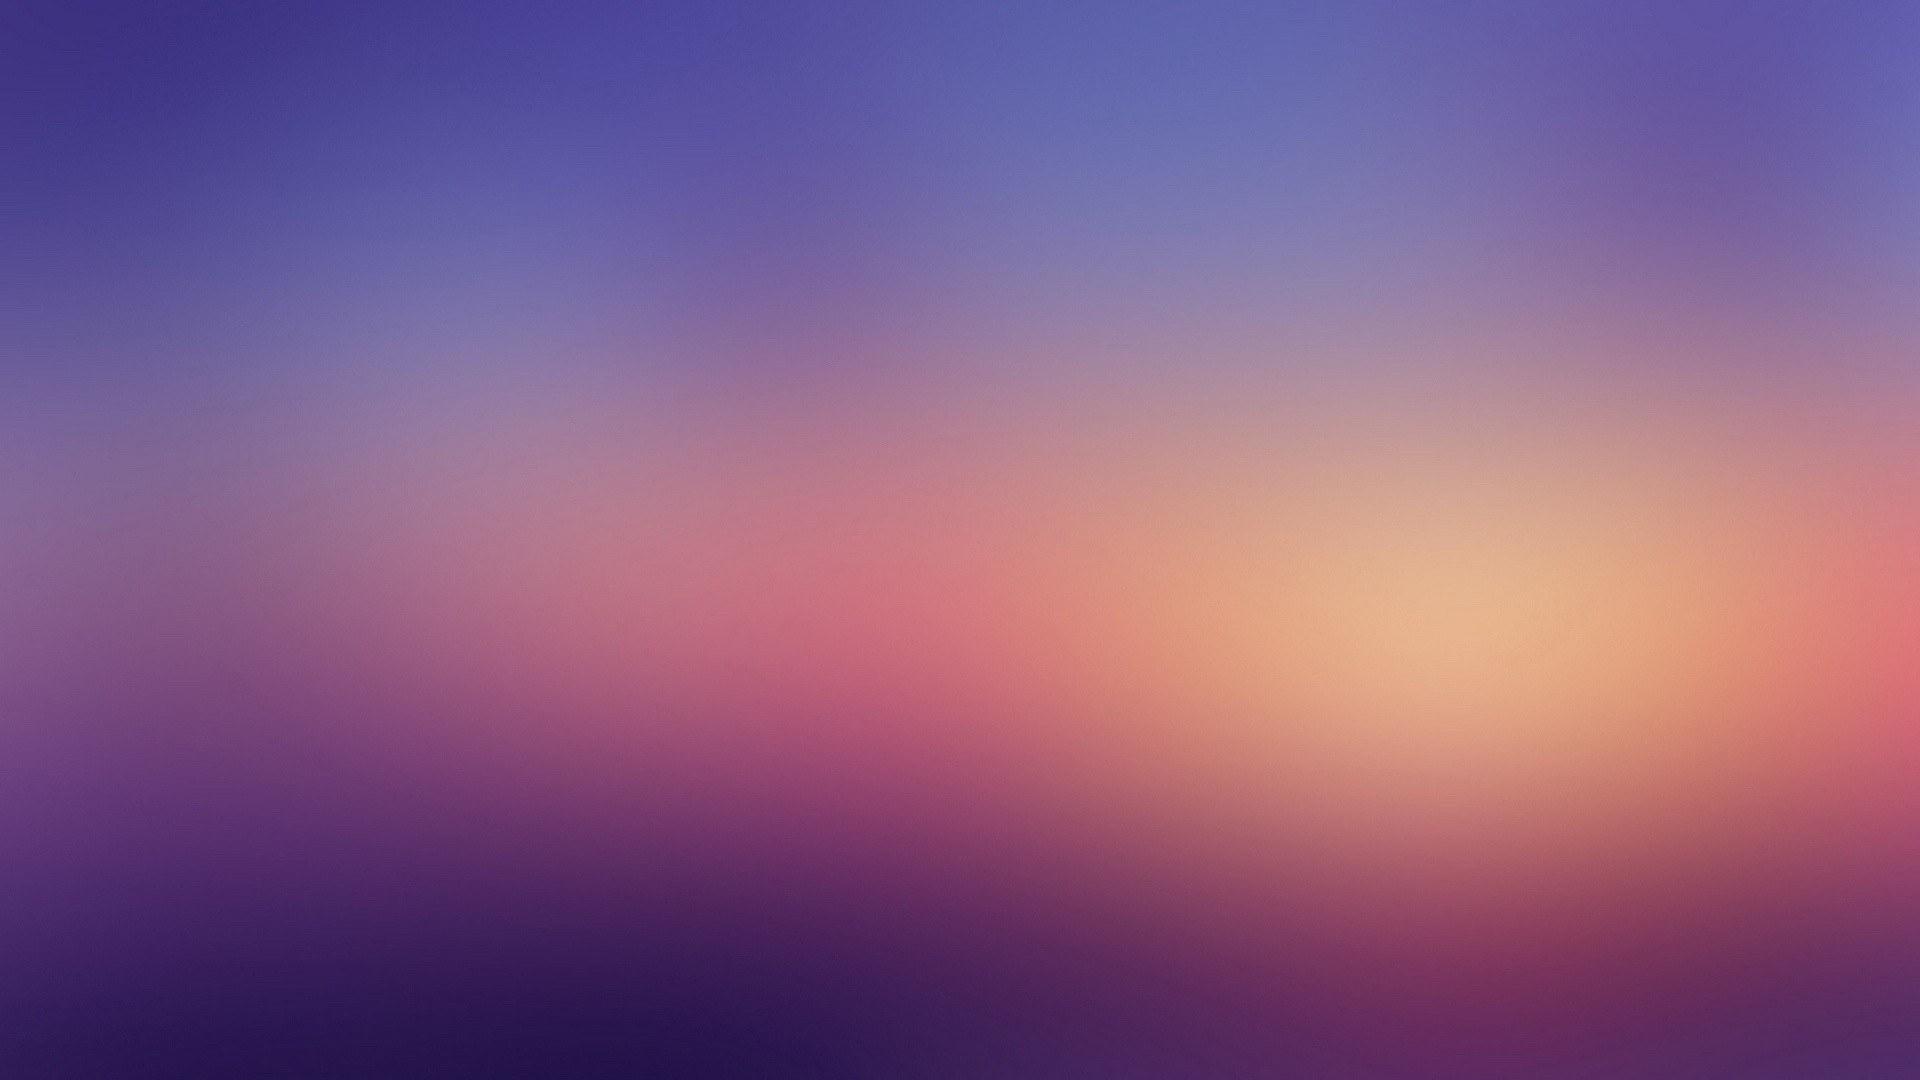 gaussian_blur11